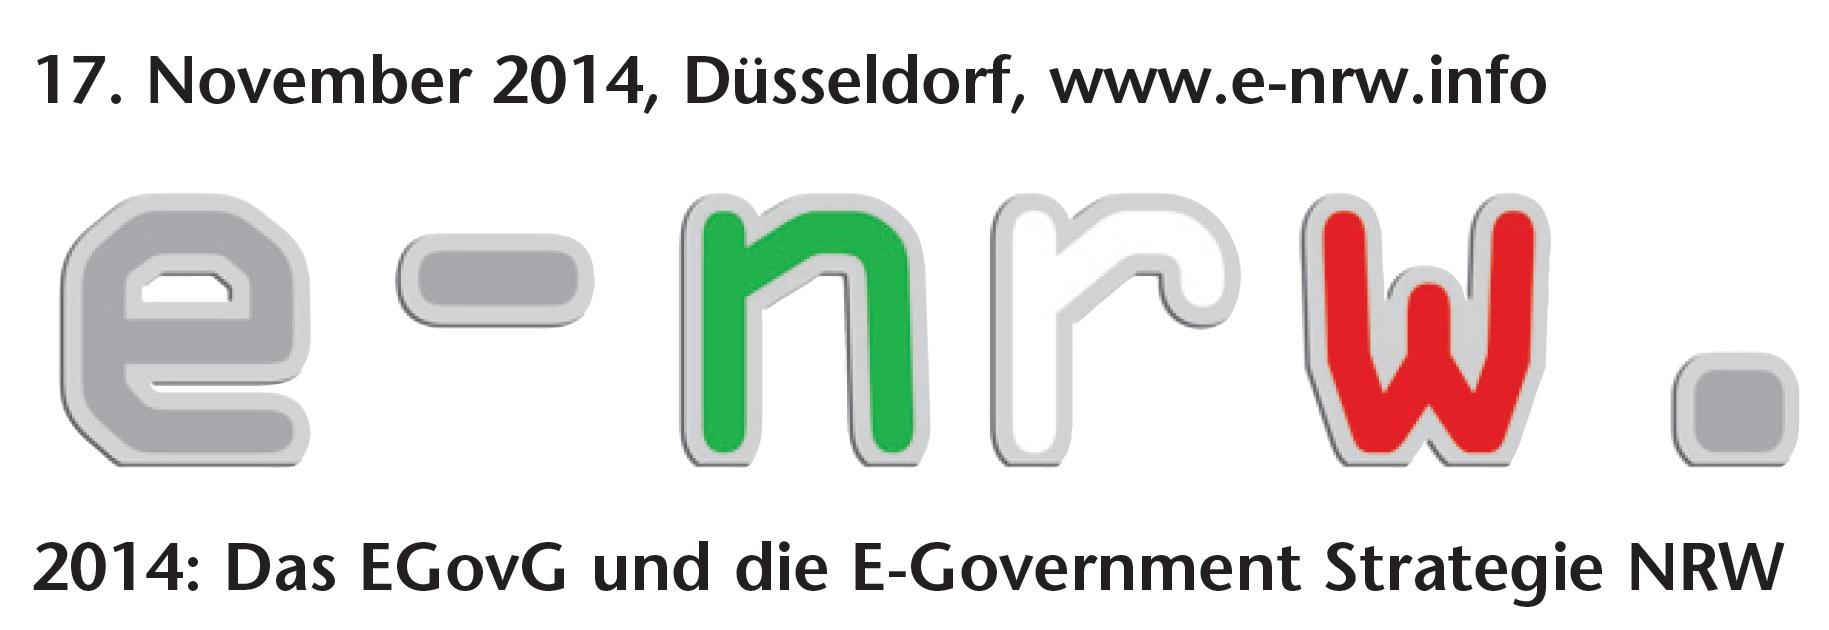 e-nrw.jpg